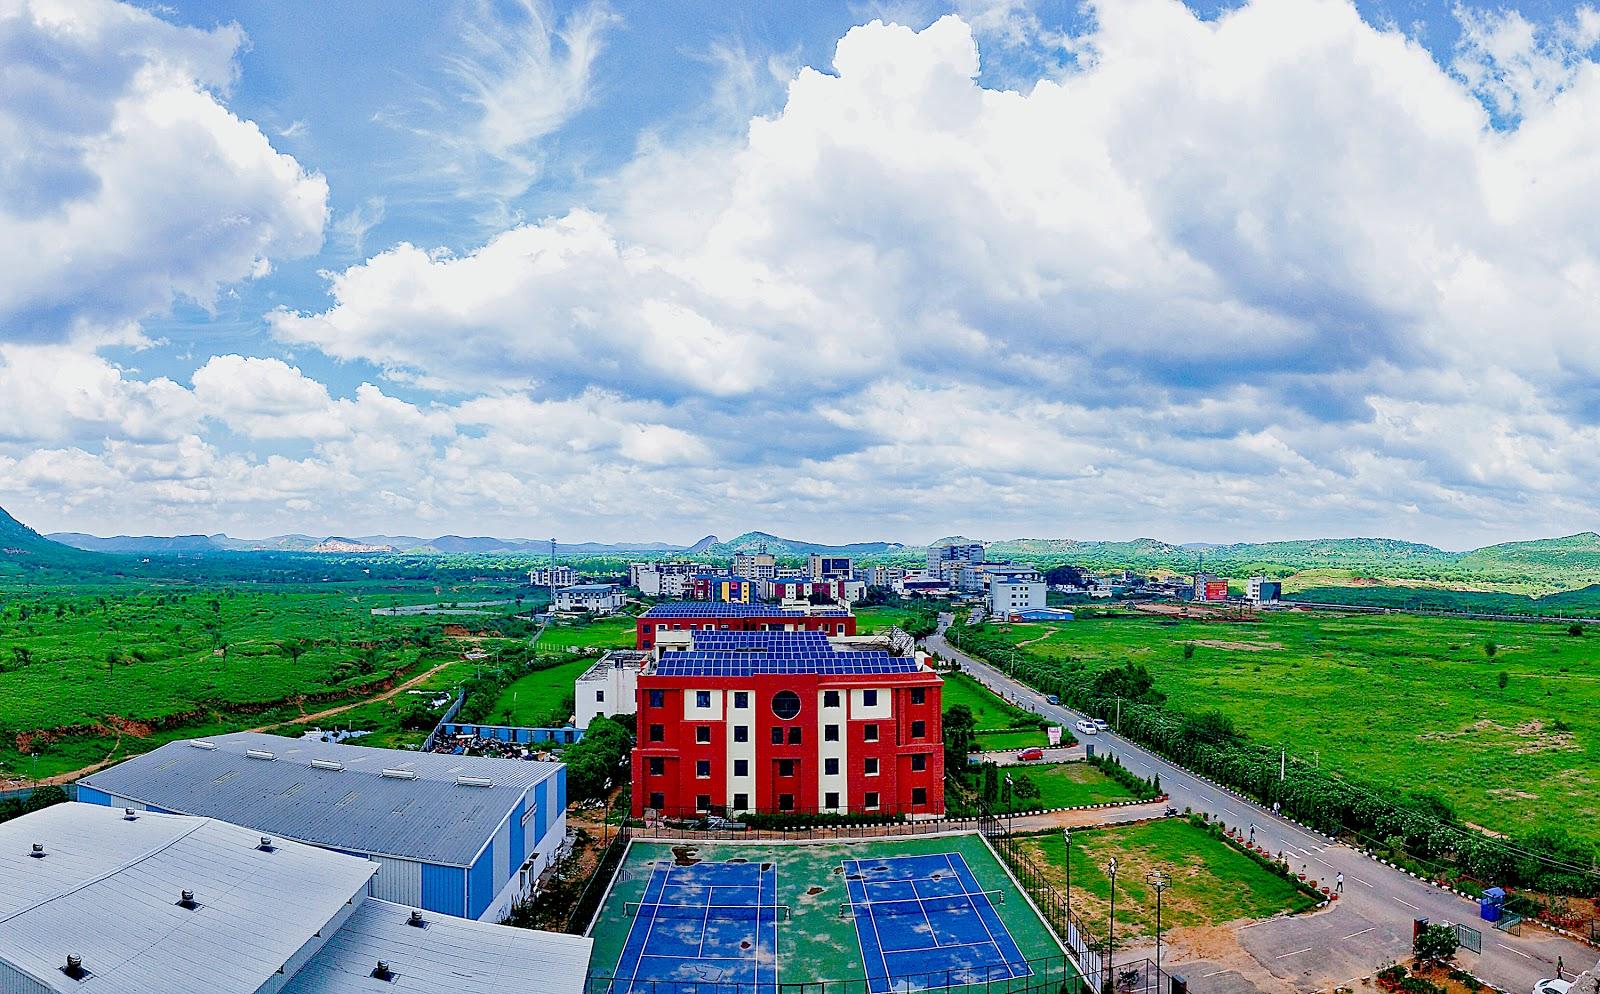 Nims University Campus Images